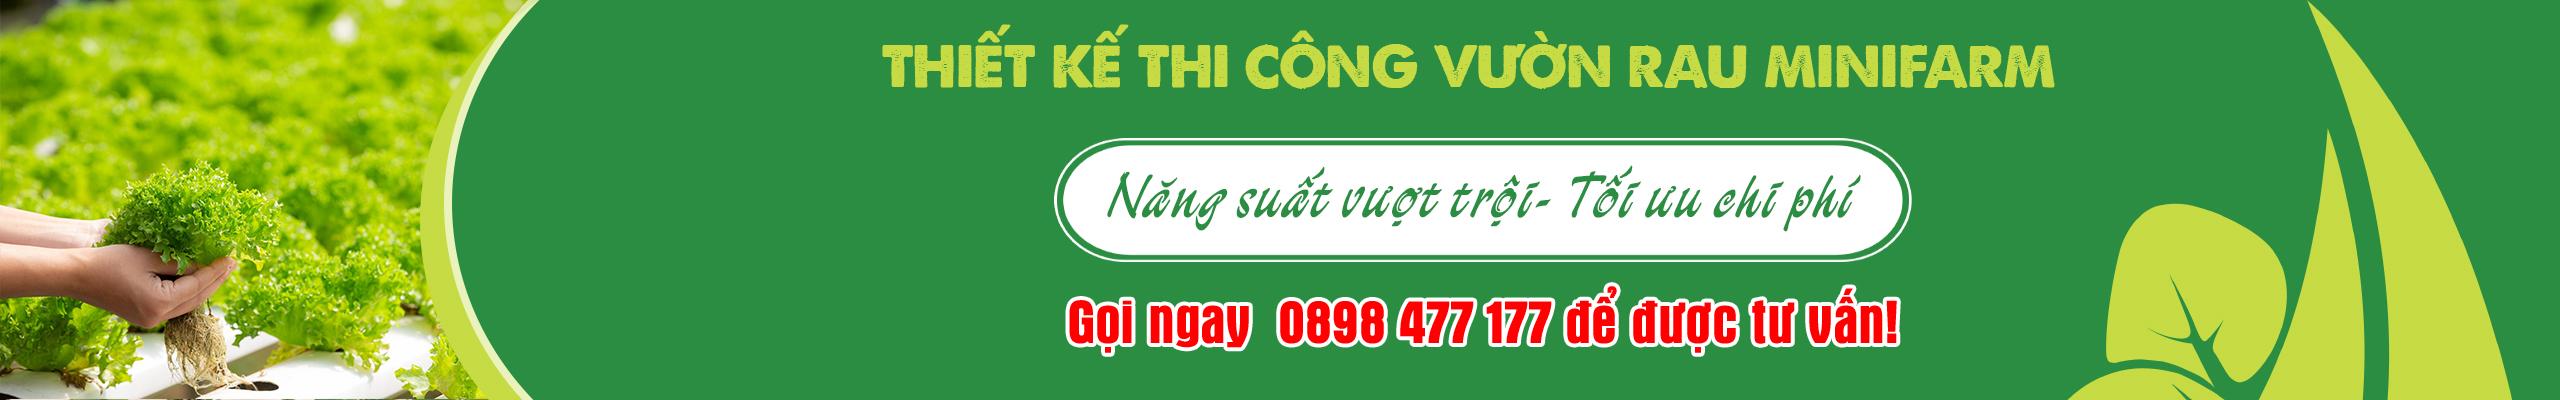 Thiet-ke-thi-cong-vuon-rau-thuy-canh-minifarm